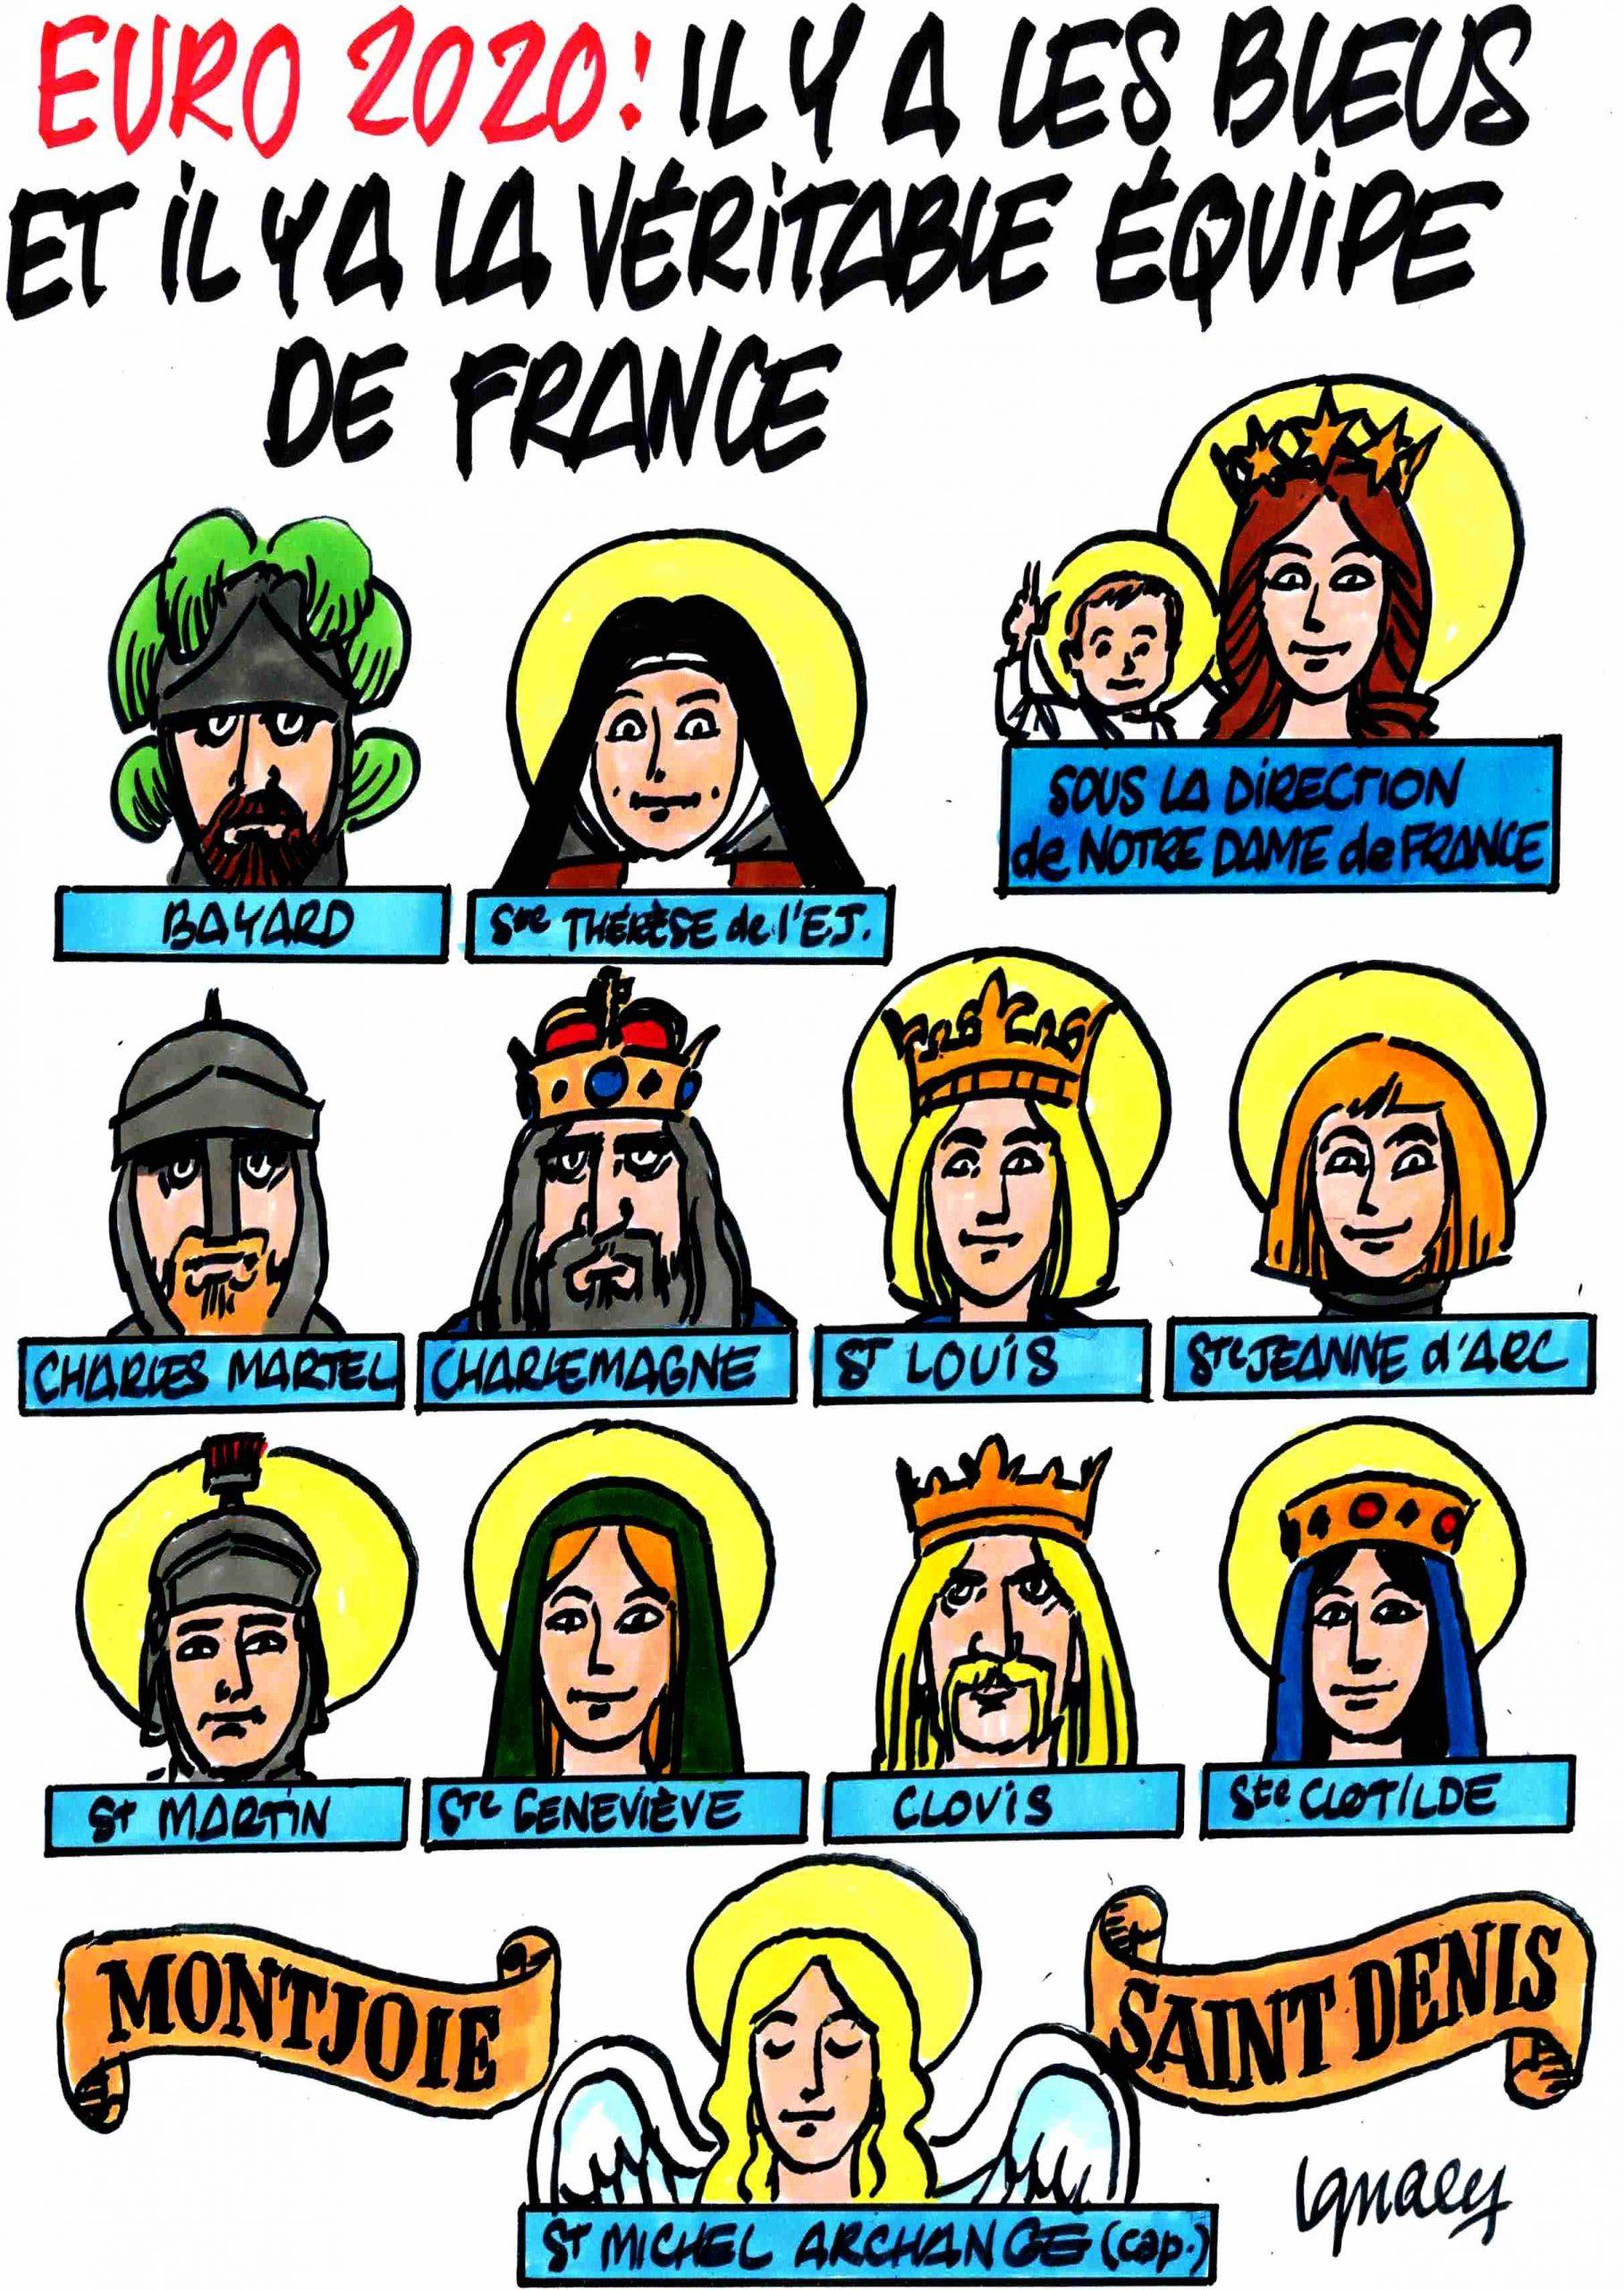 Ignace - Les Bleus et la véritable équipe de France